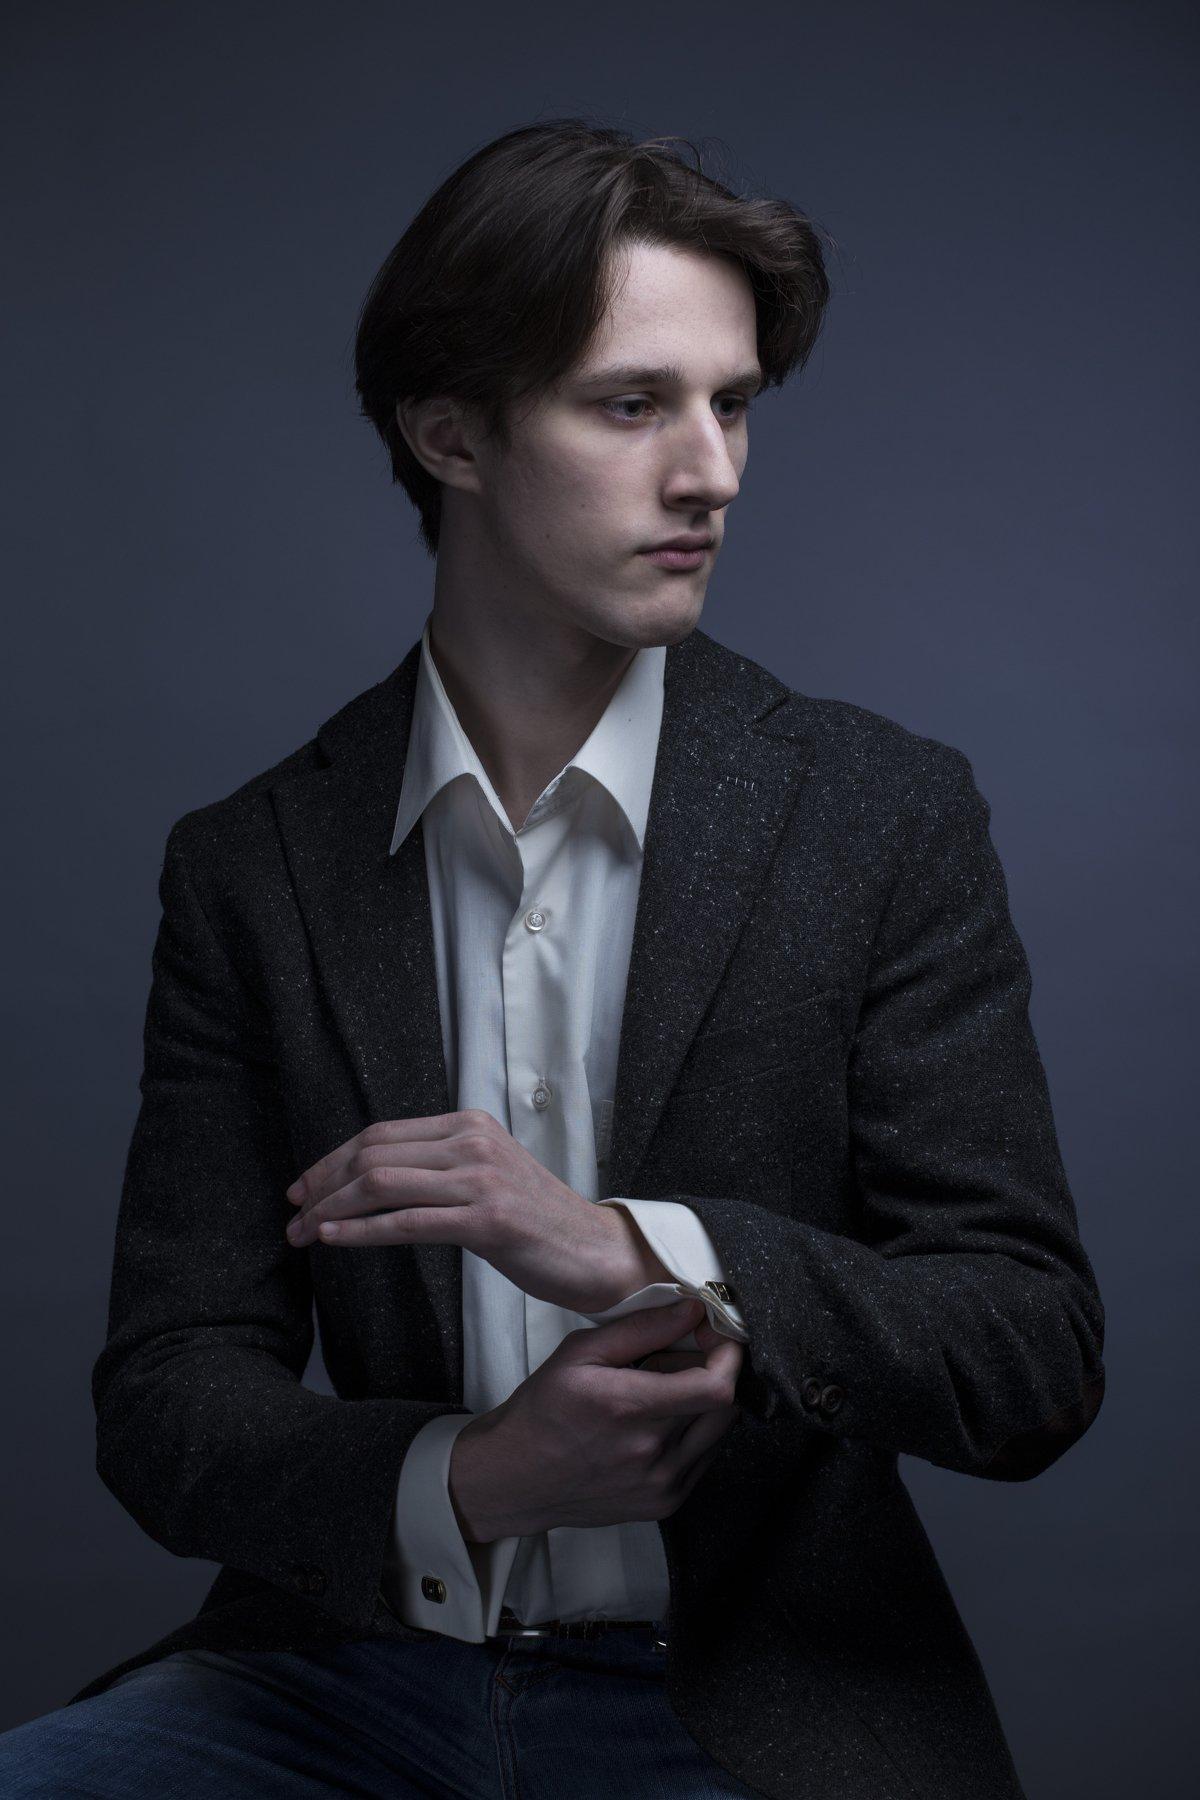 портрет фото студия чб свет мужской портрет, Zonder Alex